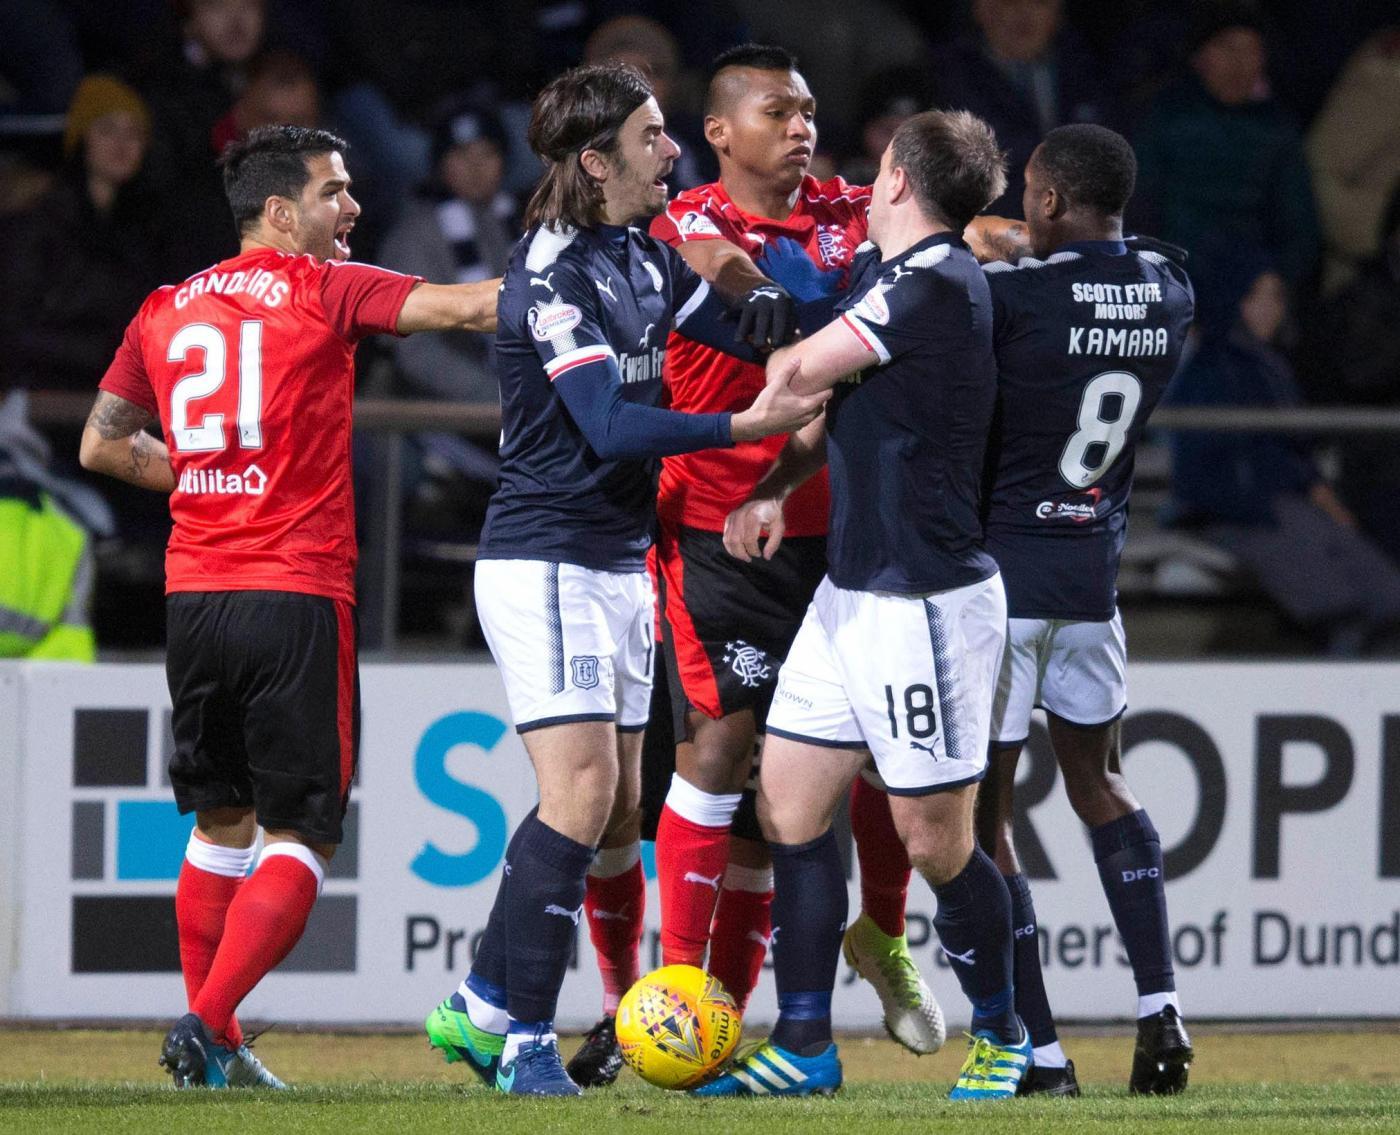 Premiership Scozia 20 aprile: si giocano 5 gare del campionato scozzese nei gruppi scudetto e retrocessione. Celtic in vetta a 77 punti.